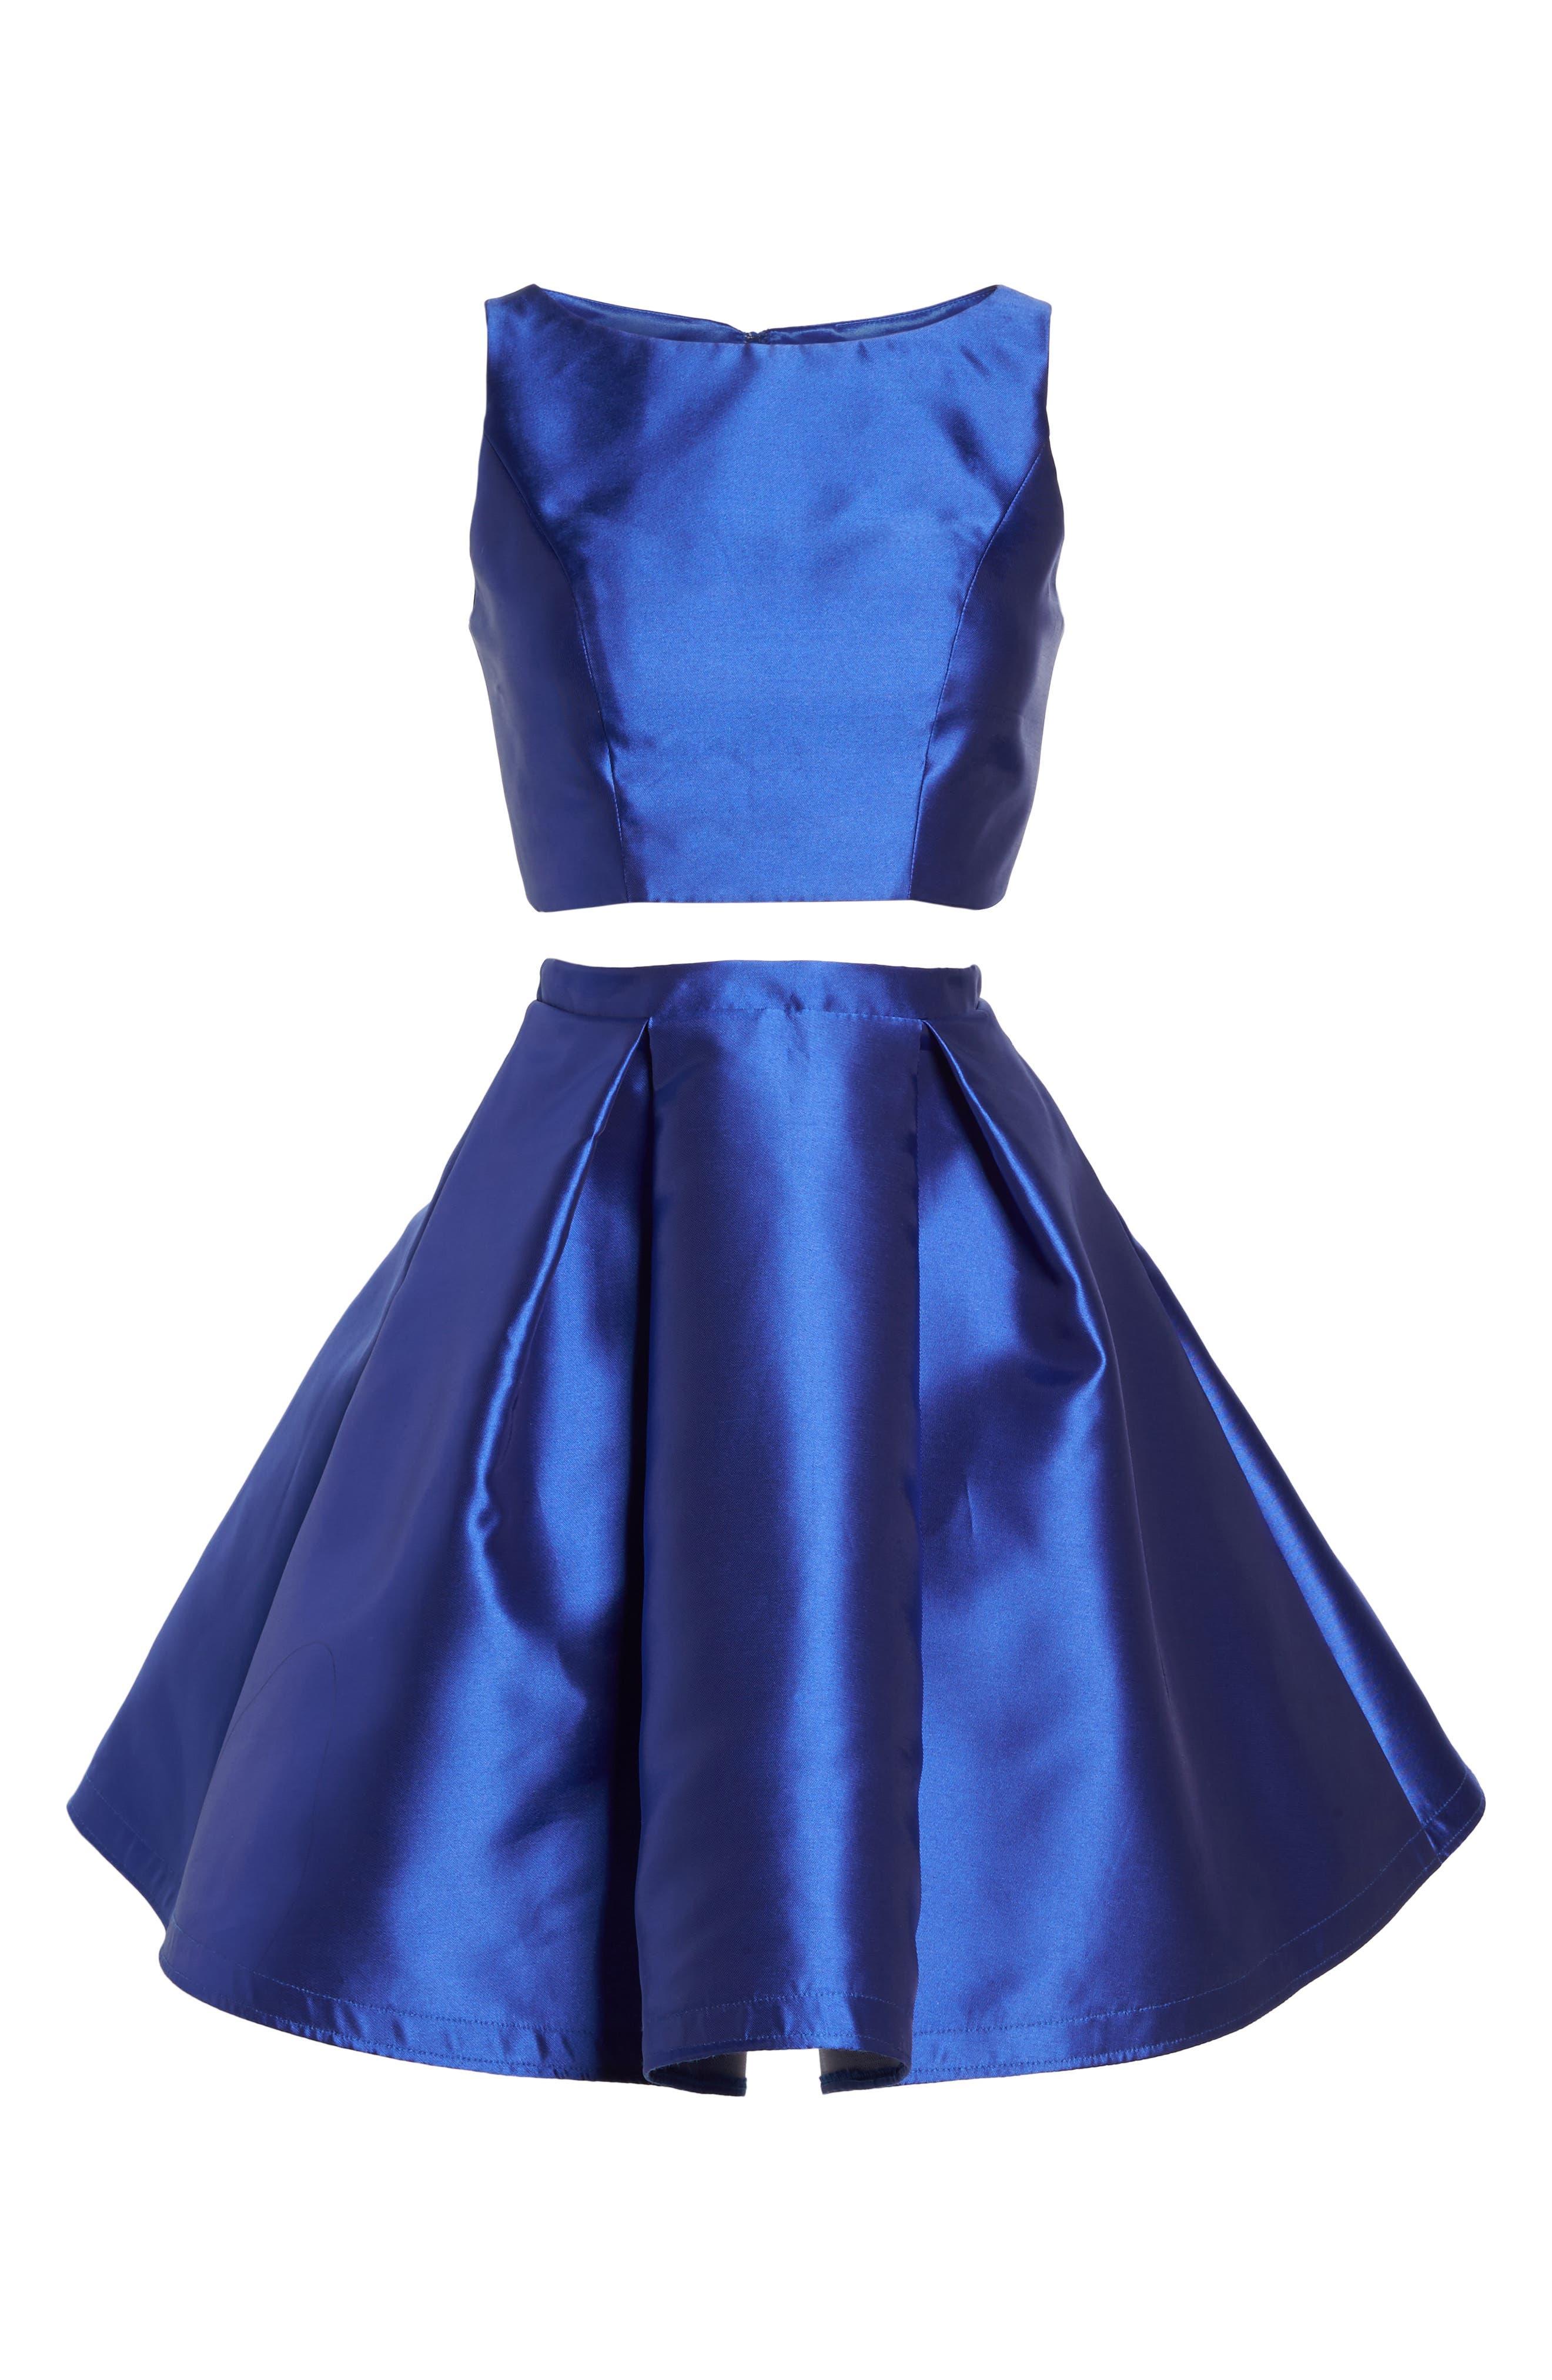 Skater Skirt Two-Piece Dress,                             Alternate thumbnail 6, color,                             SAPPHIRE